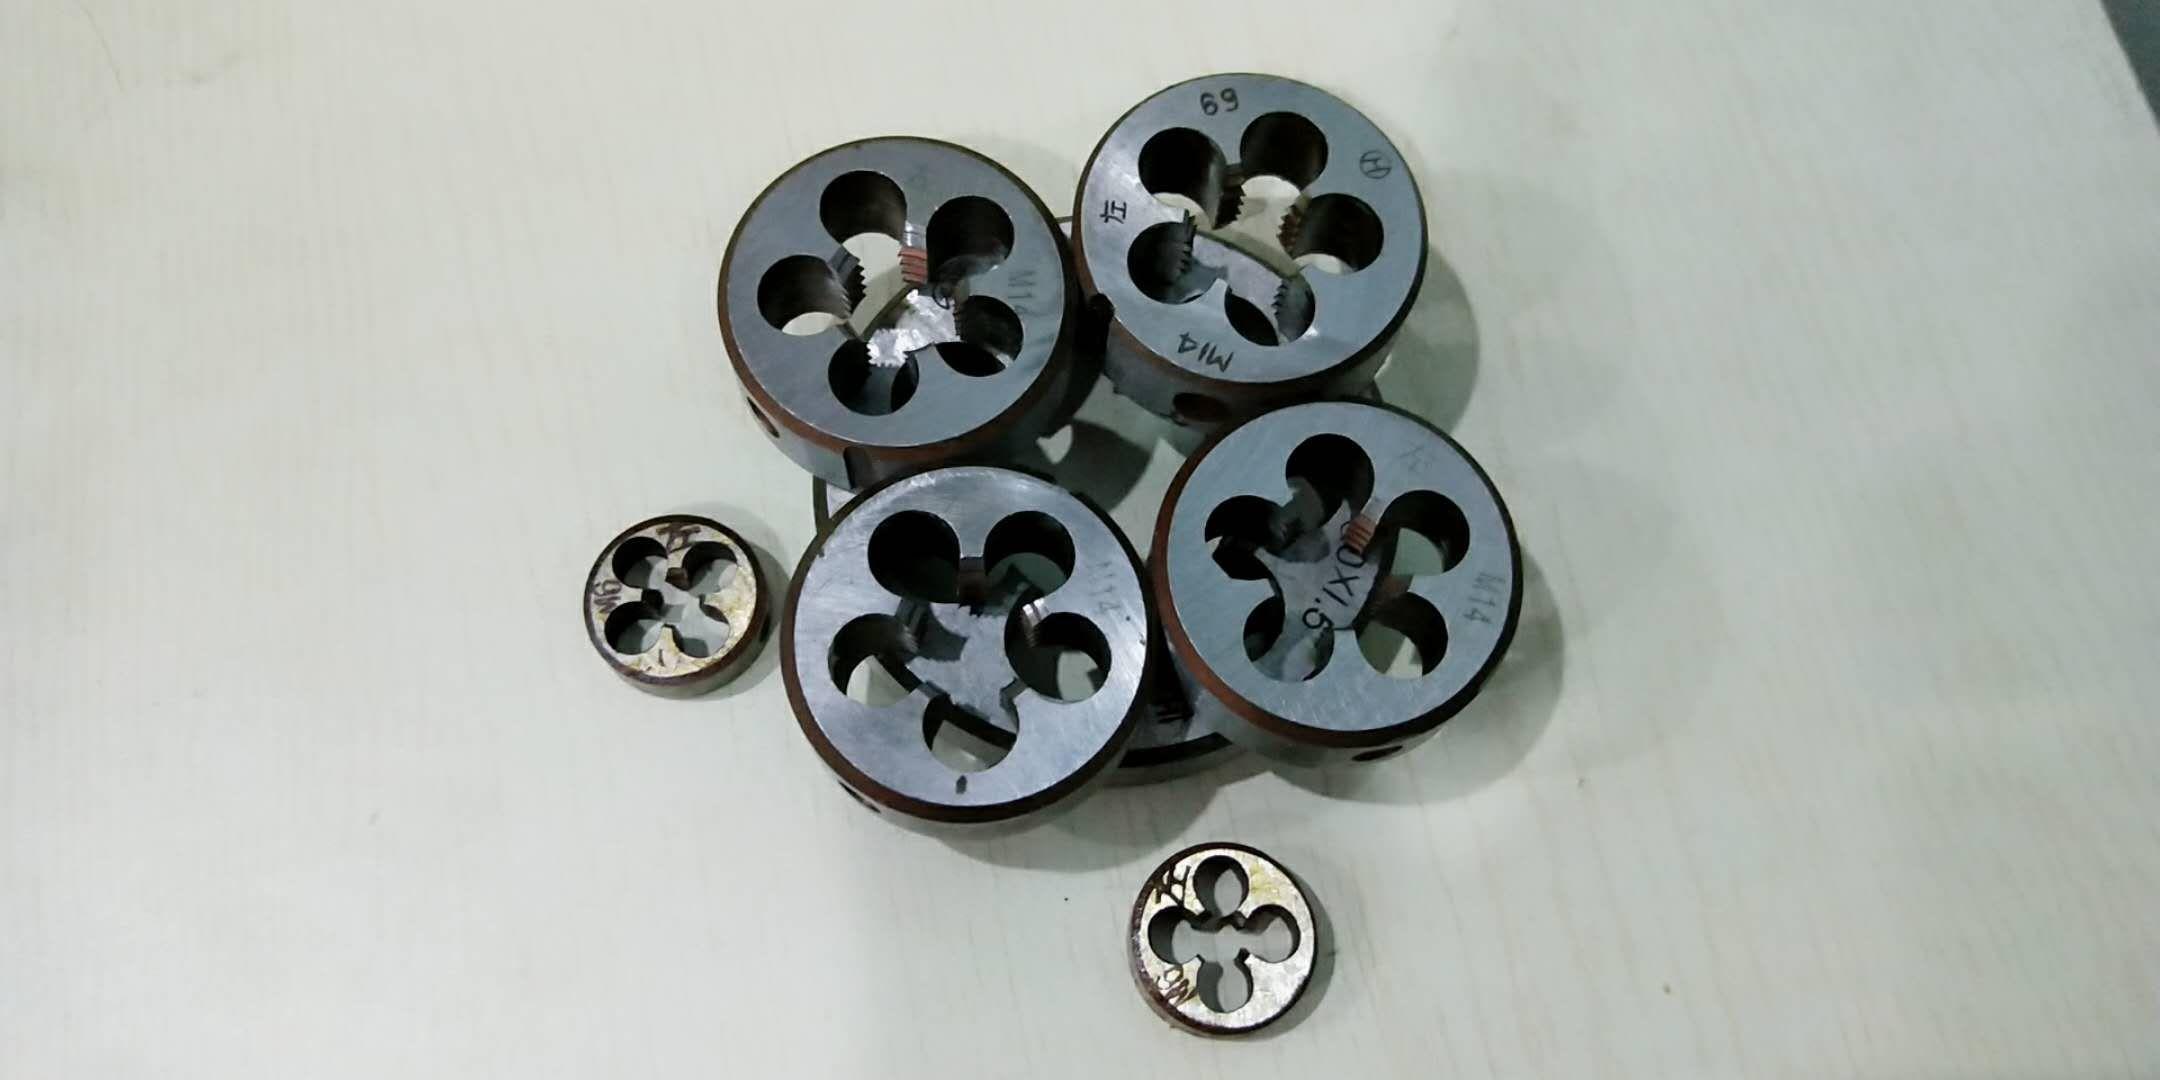 1PC metric circular die set M3 M4 M5 M6 M7 M8 M9 M10 M12-M33 wrench 9Sicr Circular Die  for screw tap